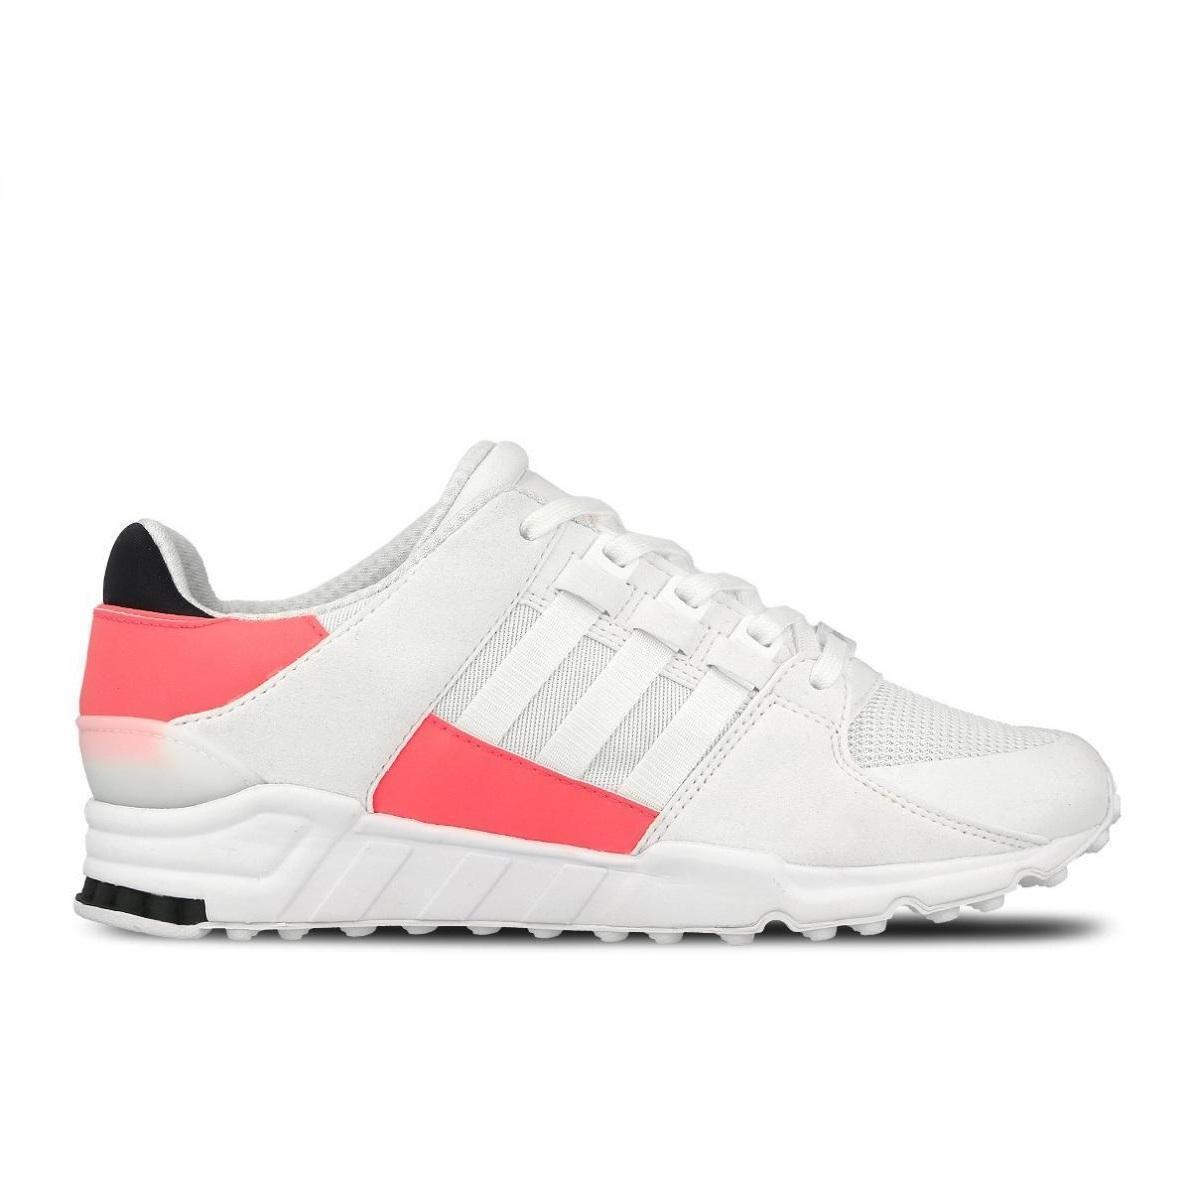 Uomo adidas eqt sostegno rf scarpe da ginnastica bianche ba7716 | Ad un prezzo accessibile  | Scolaro/Ragazze Scarpa